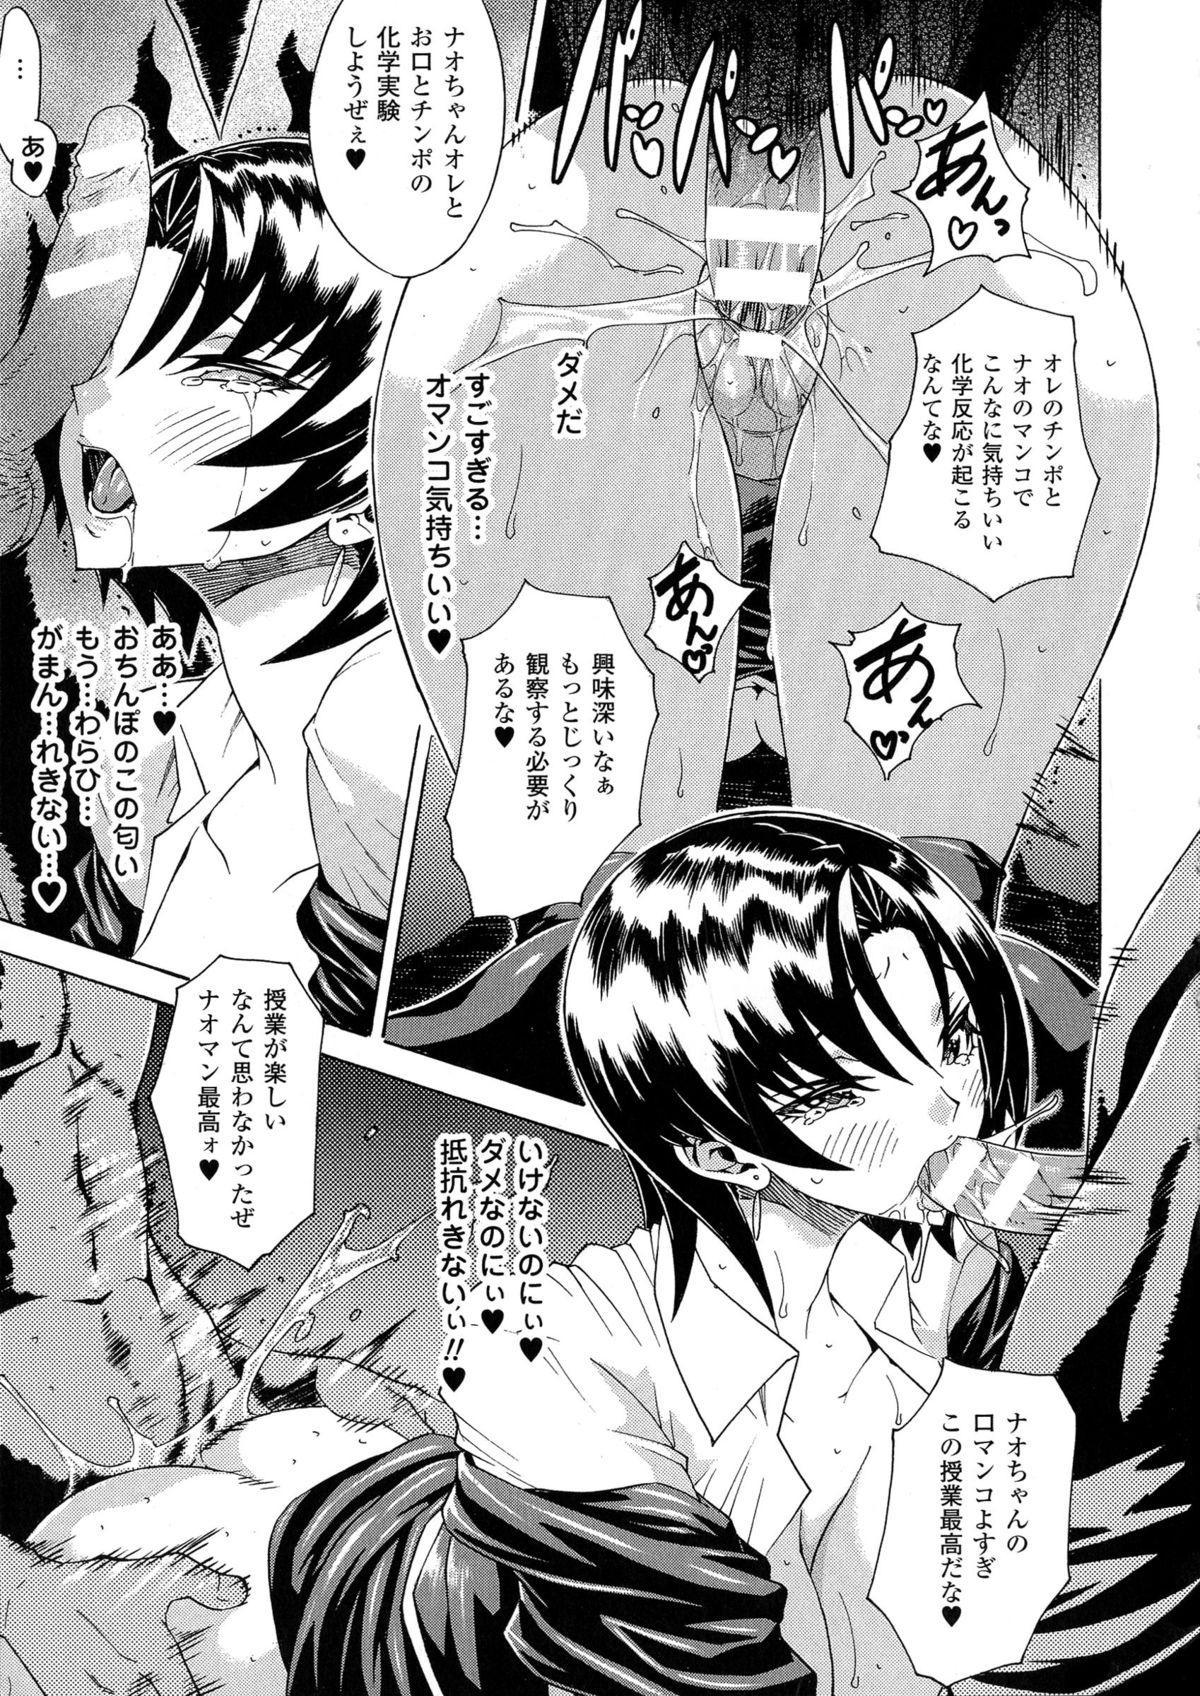 Kachiki na Onna ga Buzama na Ahegao o Sarasu made 118